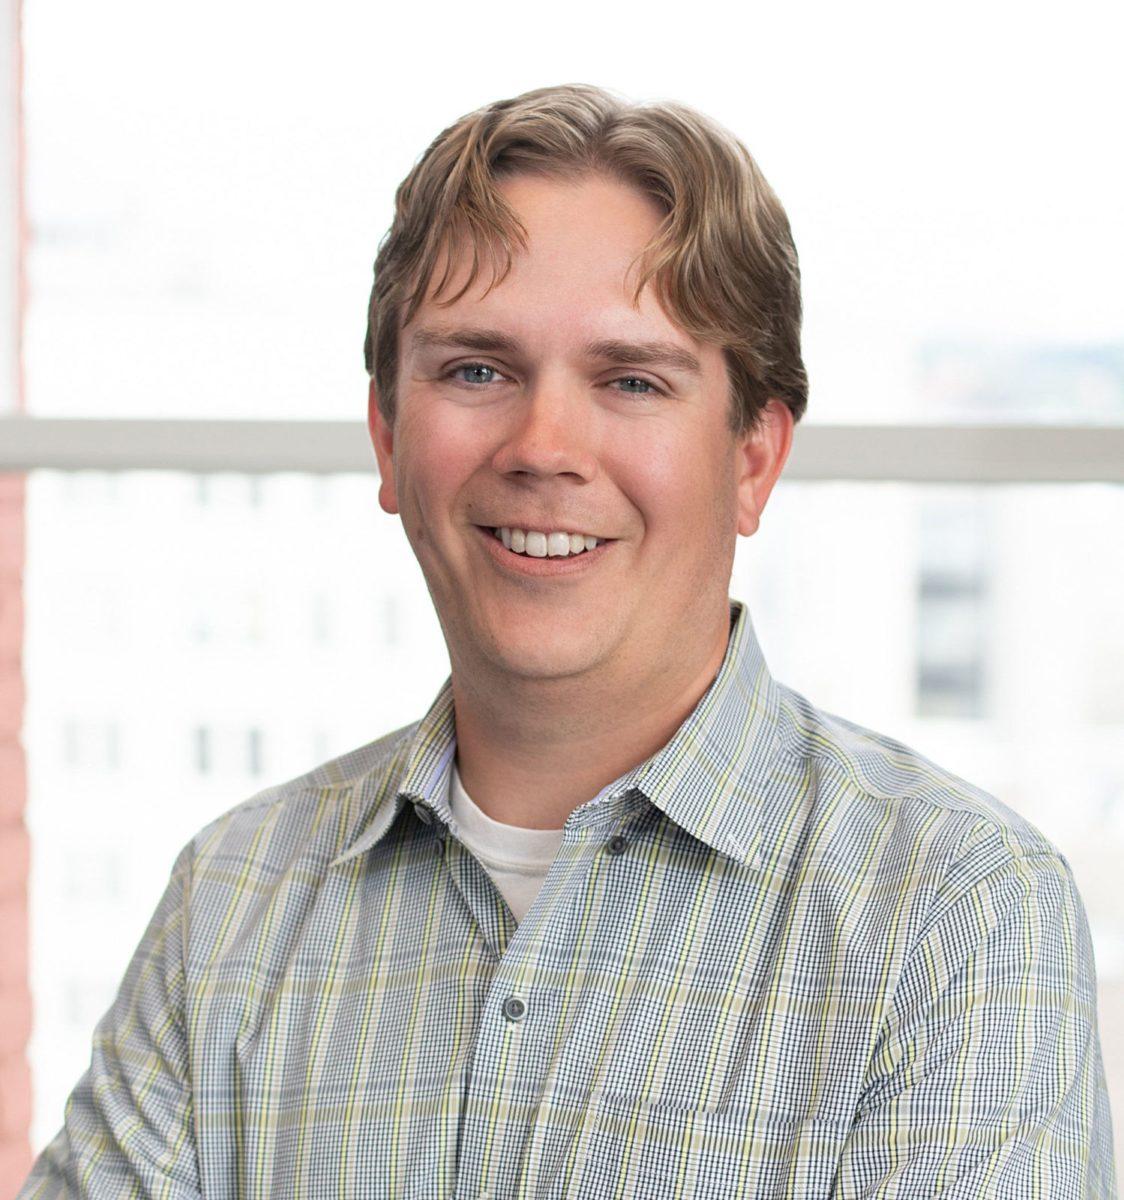 Andrew J. Halmstad, E.I.T.'s headshot